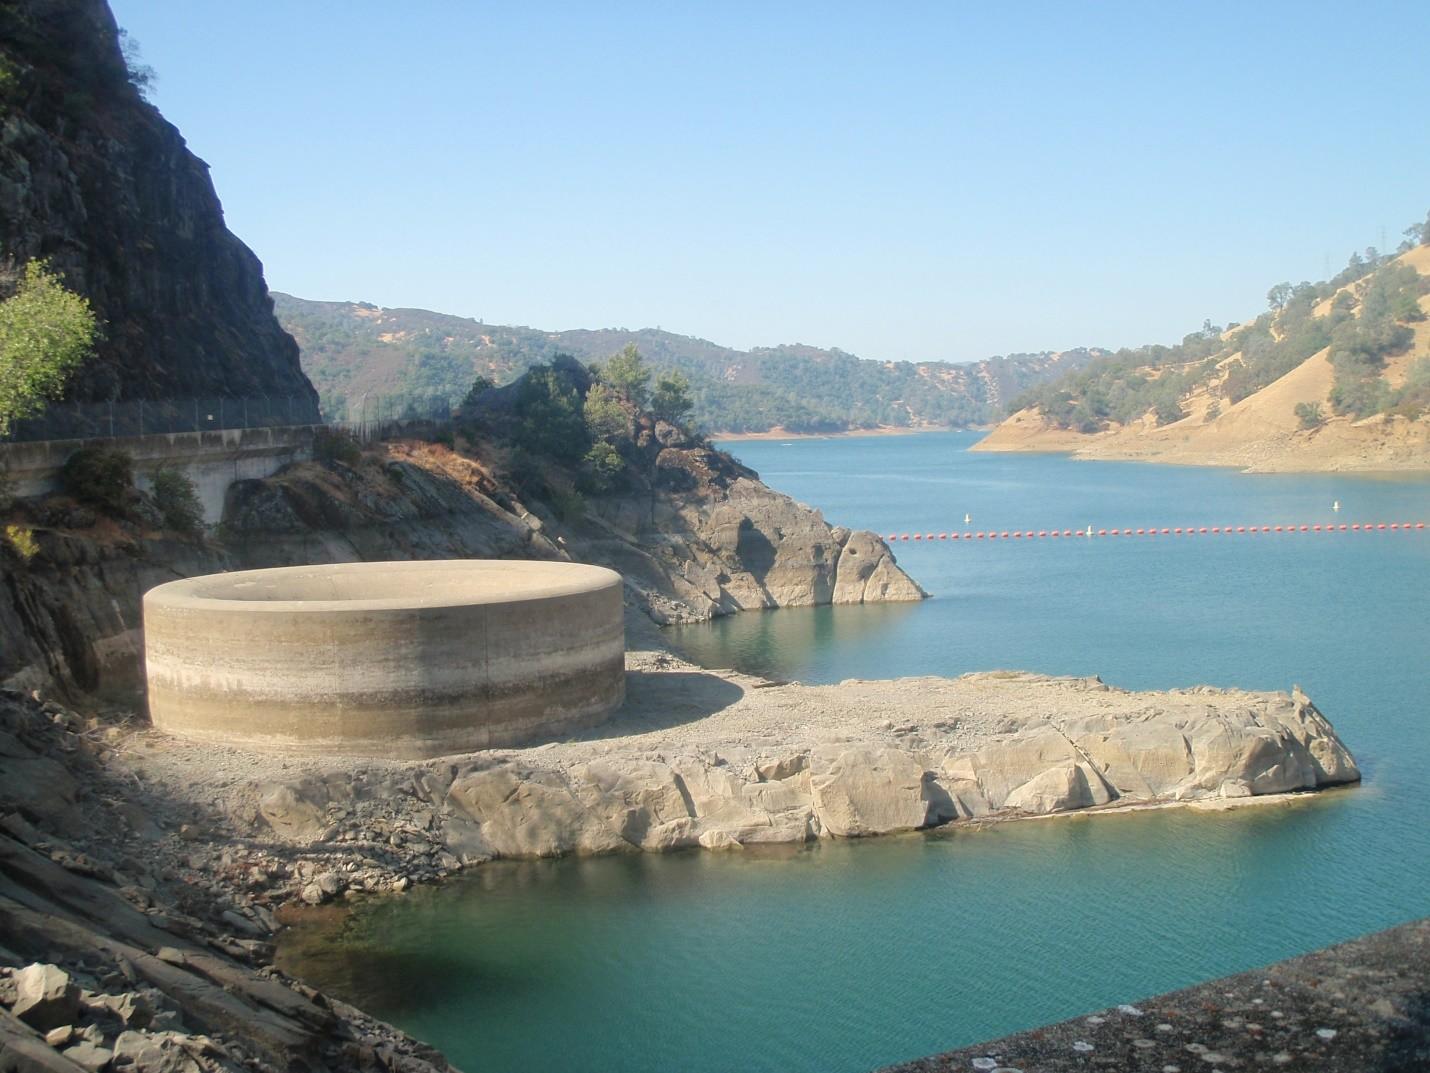 Monticello Dam11